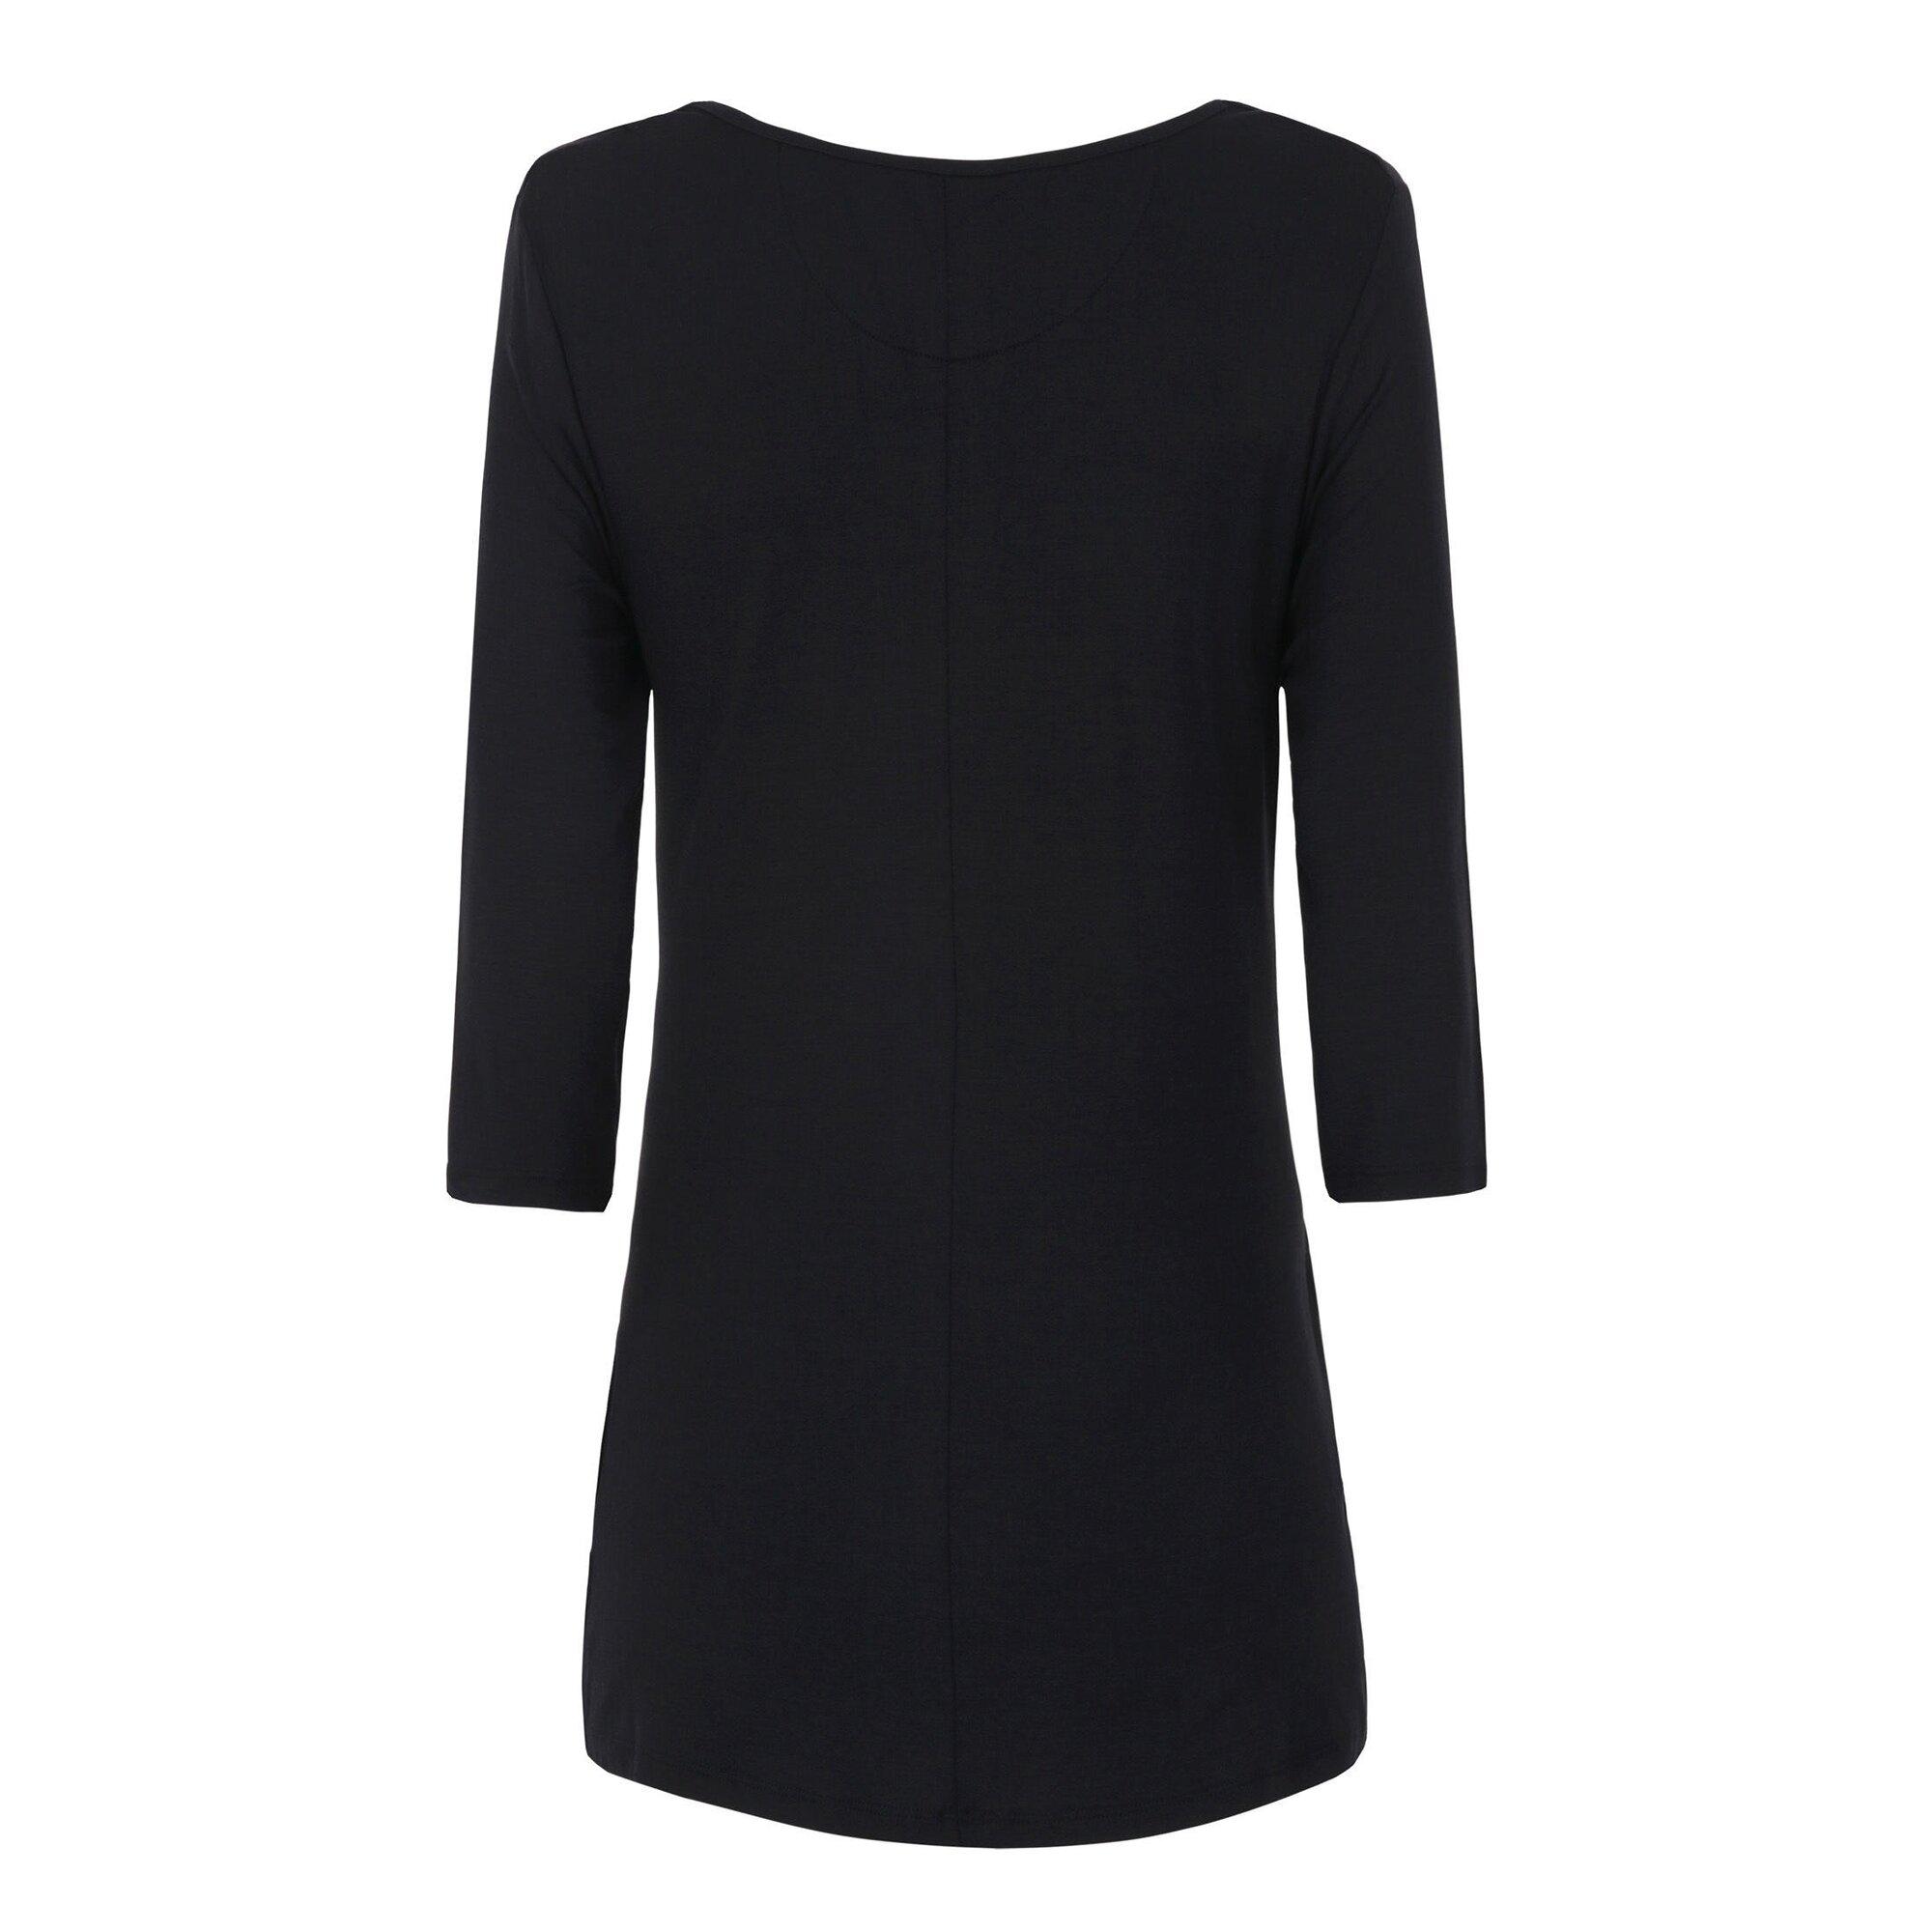 bellybutton-t-shirt-3-4-armel-mit-stillfunktion